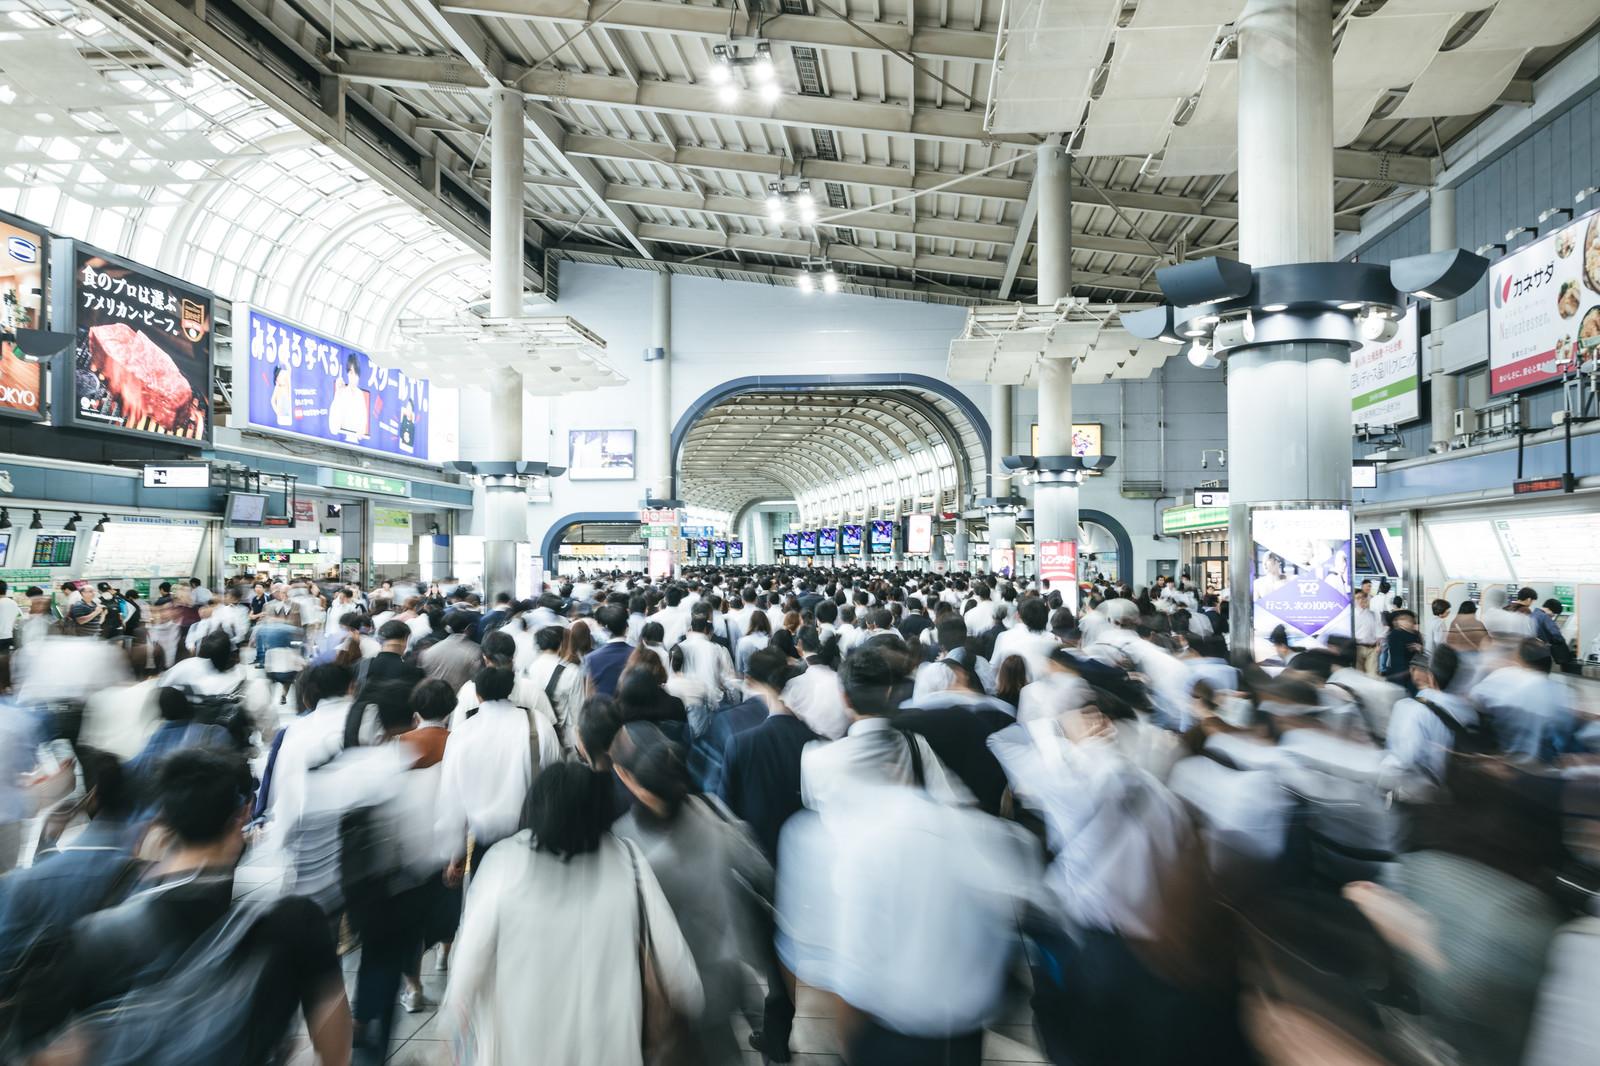 混雑した満員電車のストレスから解放される為に行うべき7つの方法